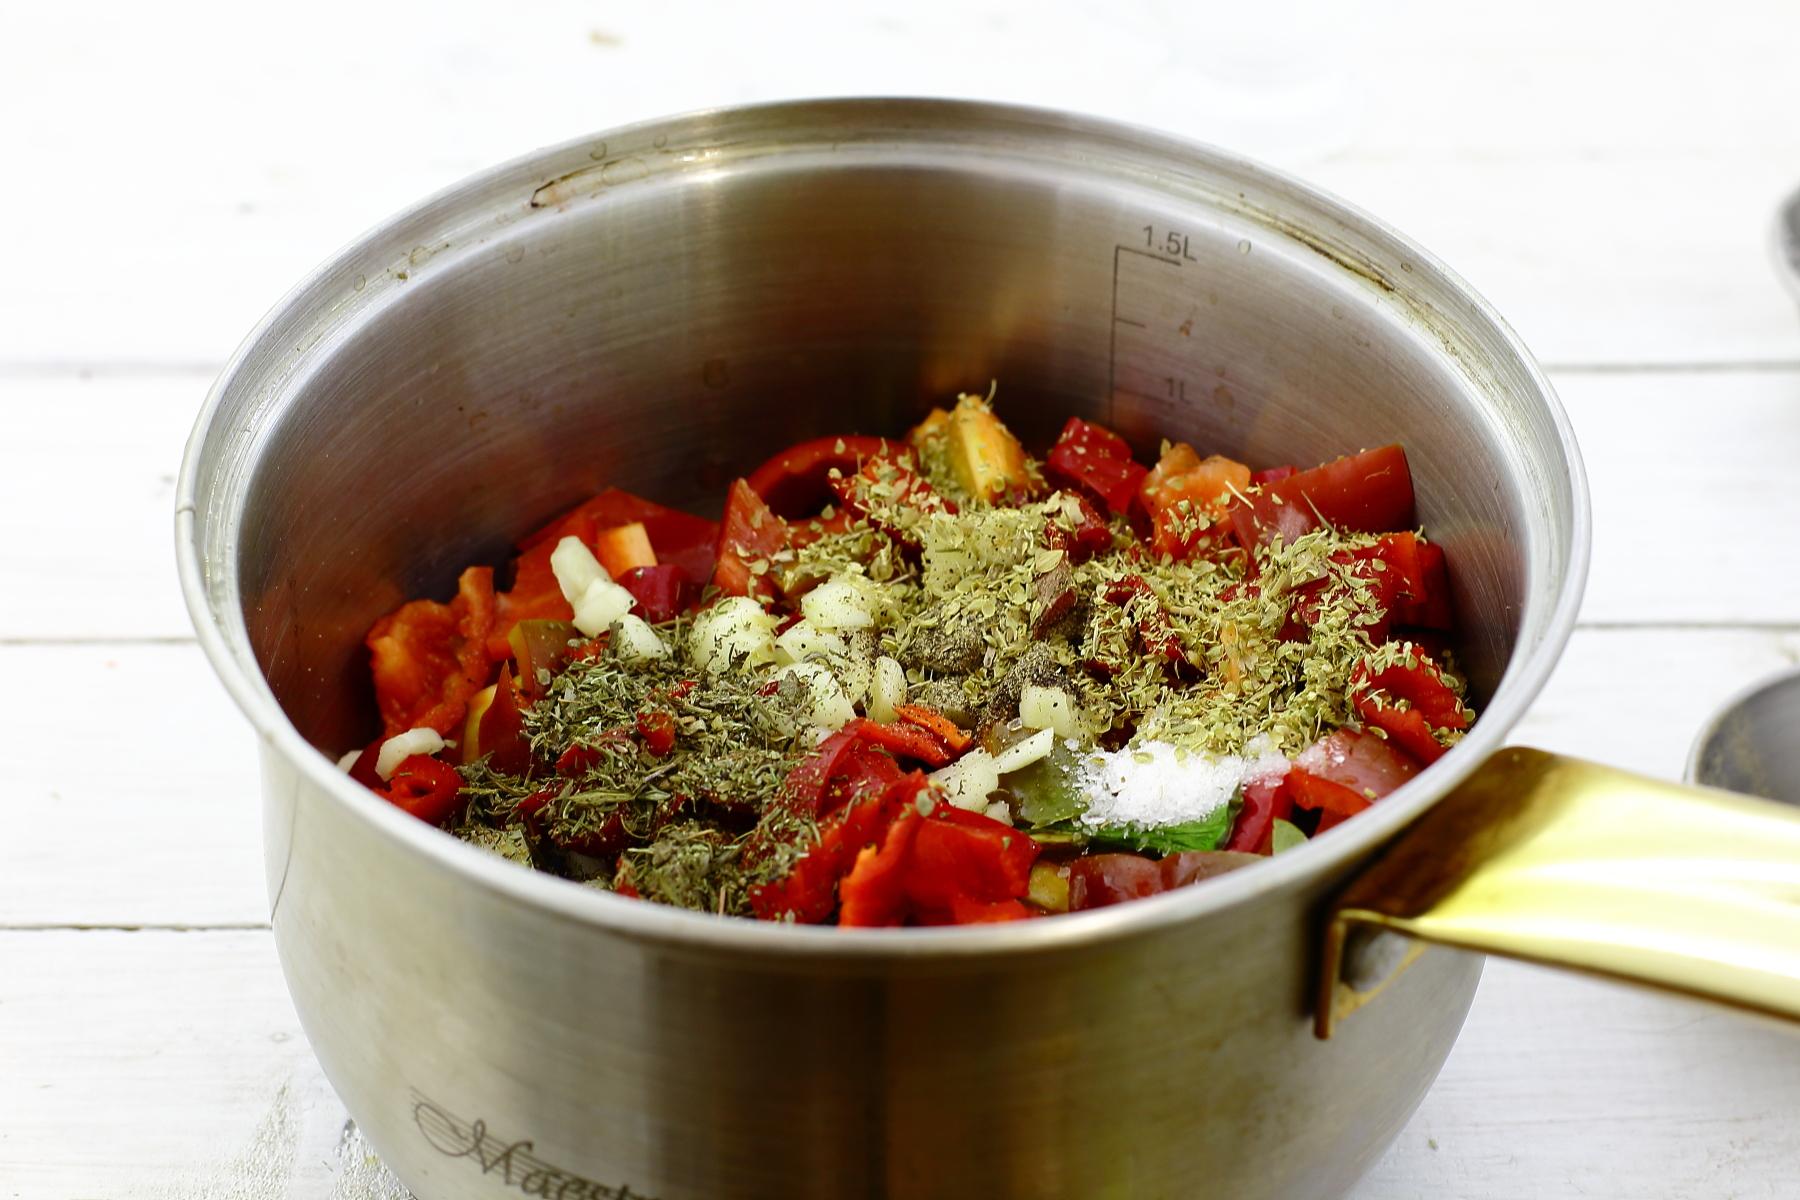 фото ингредиентов для соуса со специями